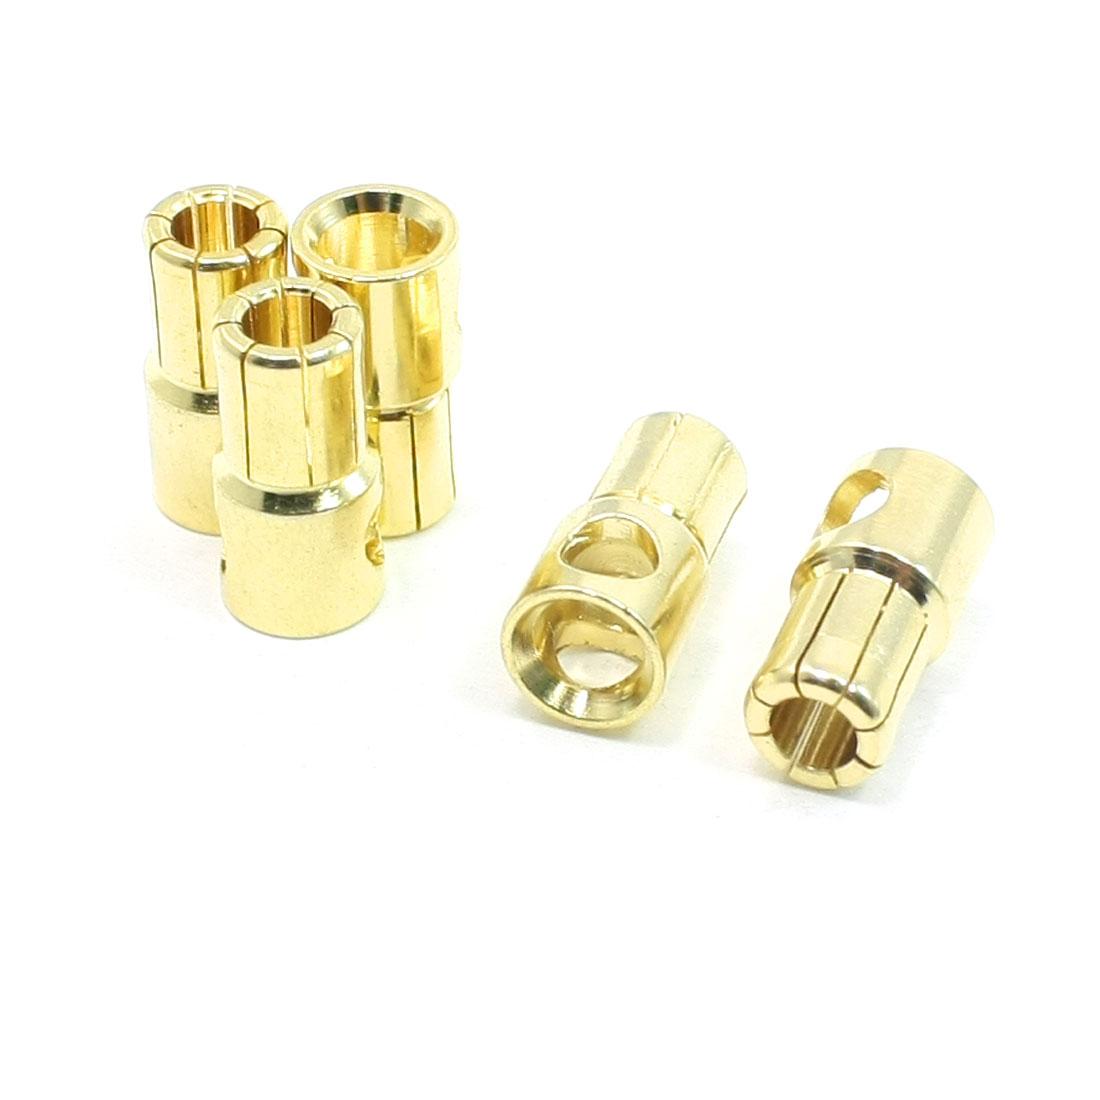 5 Pcs Gold Tone RC Audio Terminal Linking Banana Connectors 6mm Dia